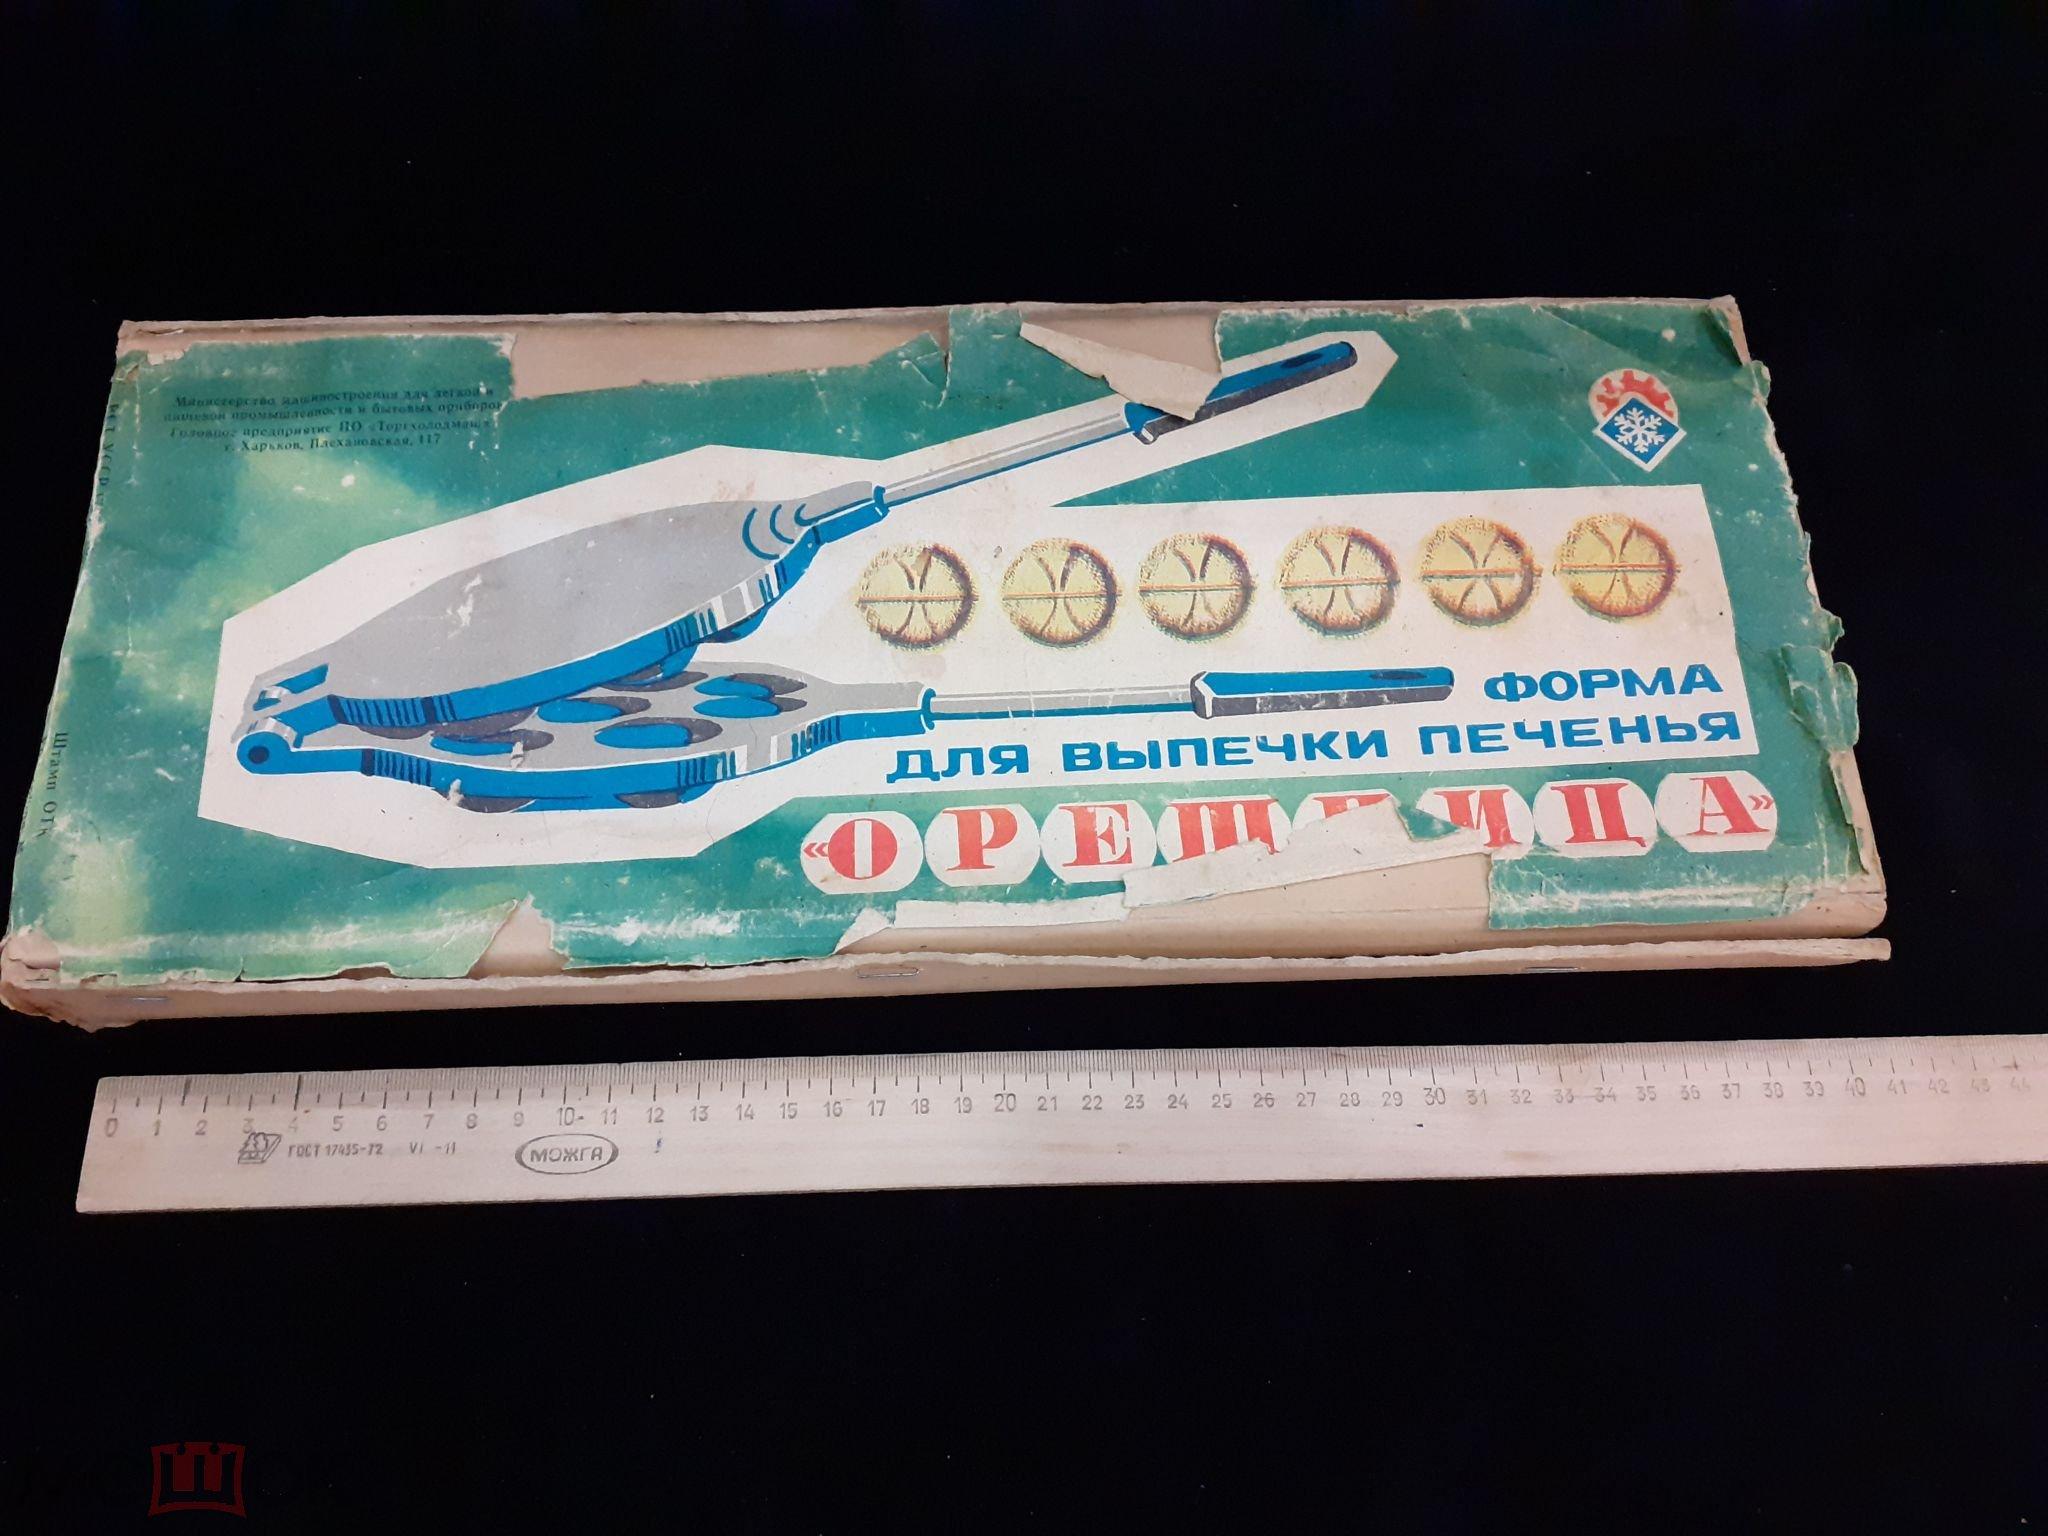 Винтажная форма для выпечки печенья !! Орешки !!! Распродажа с рубля!!!